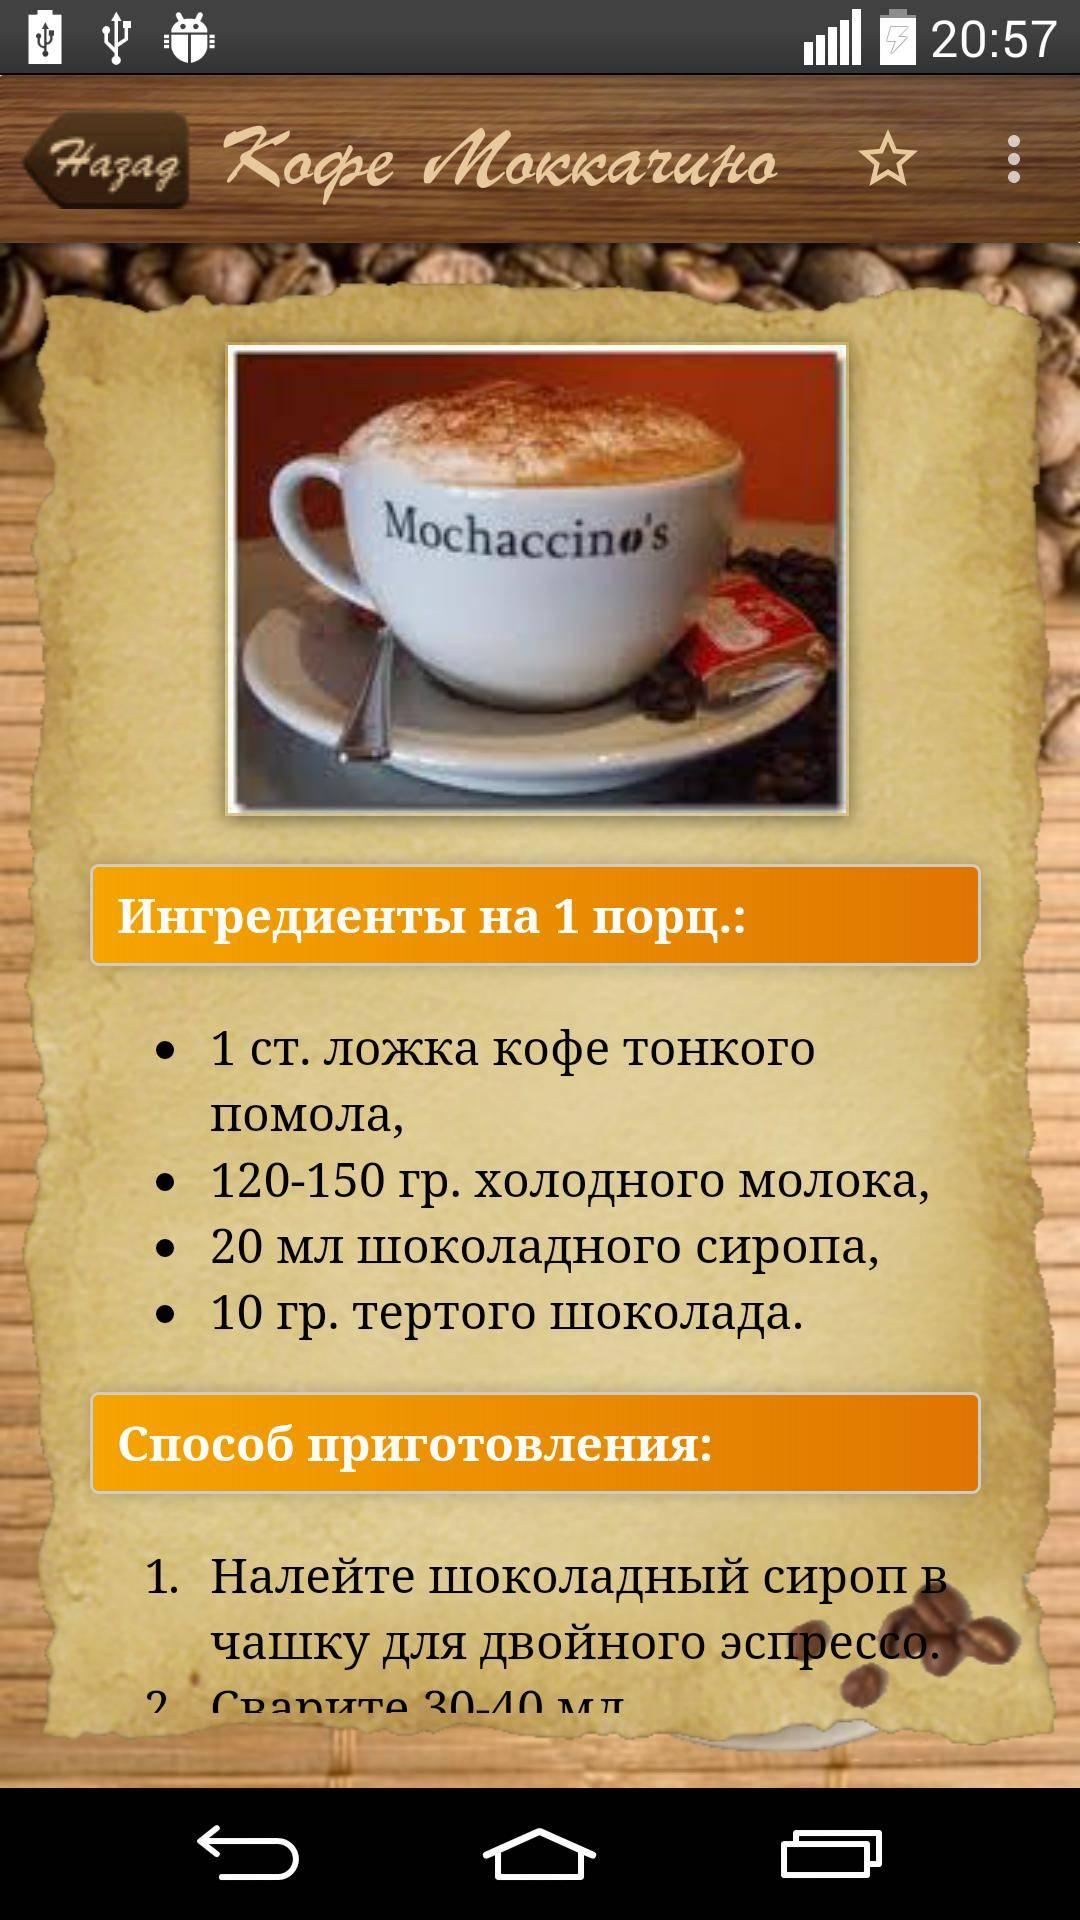 Варим кофейный напиток быстро и вкусно – 4 рецепта приготовления в домашних условиях